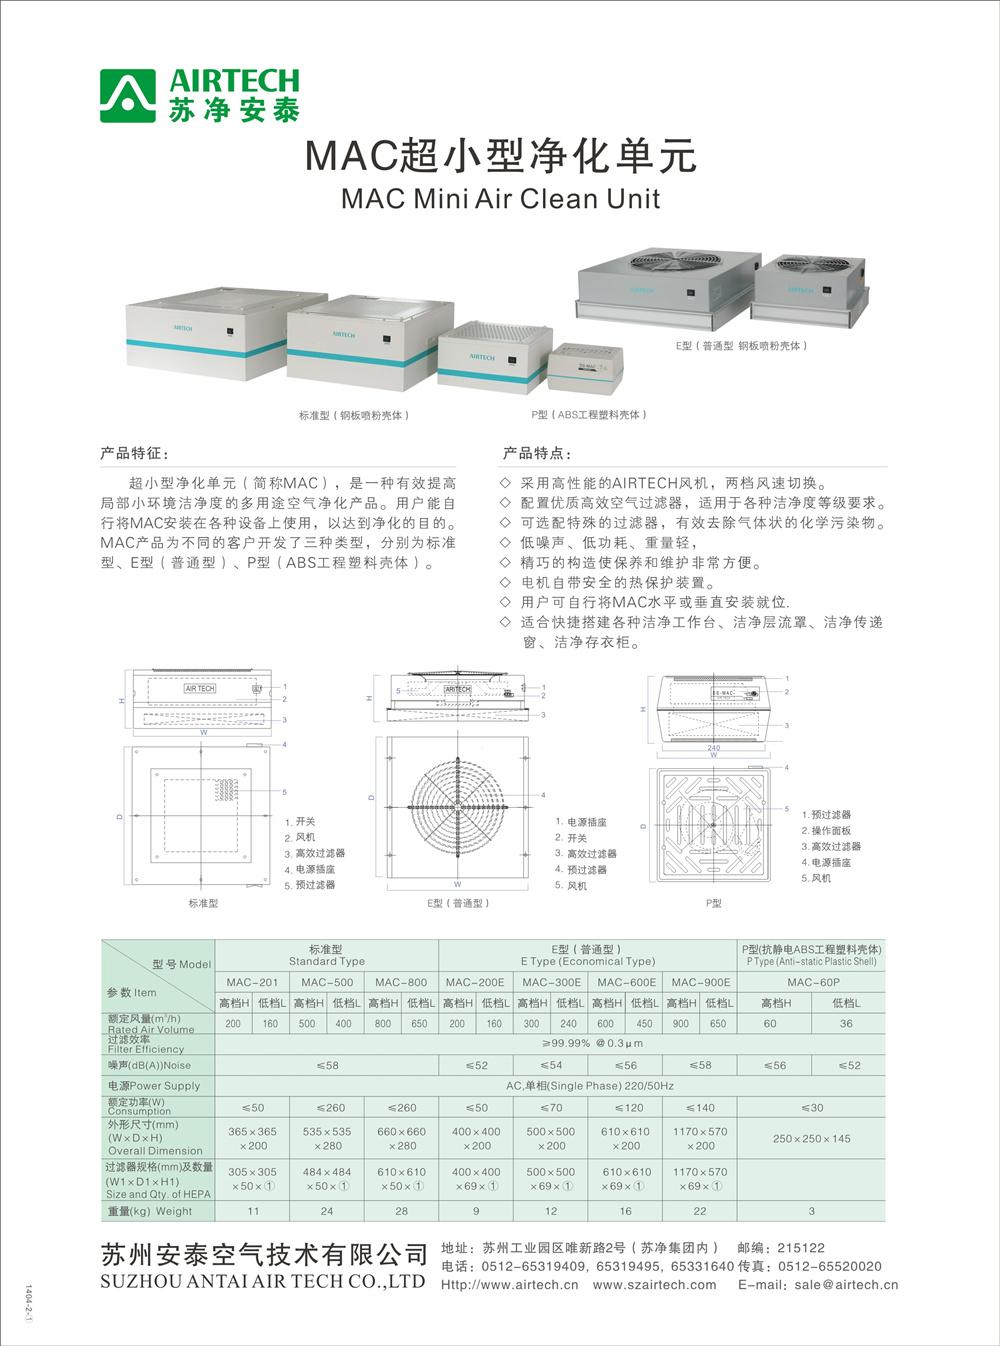 空气净化器高效过滤除PM2.5抗雾霾MAC超小型净化单元